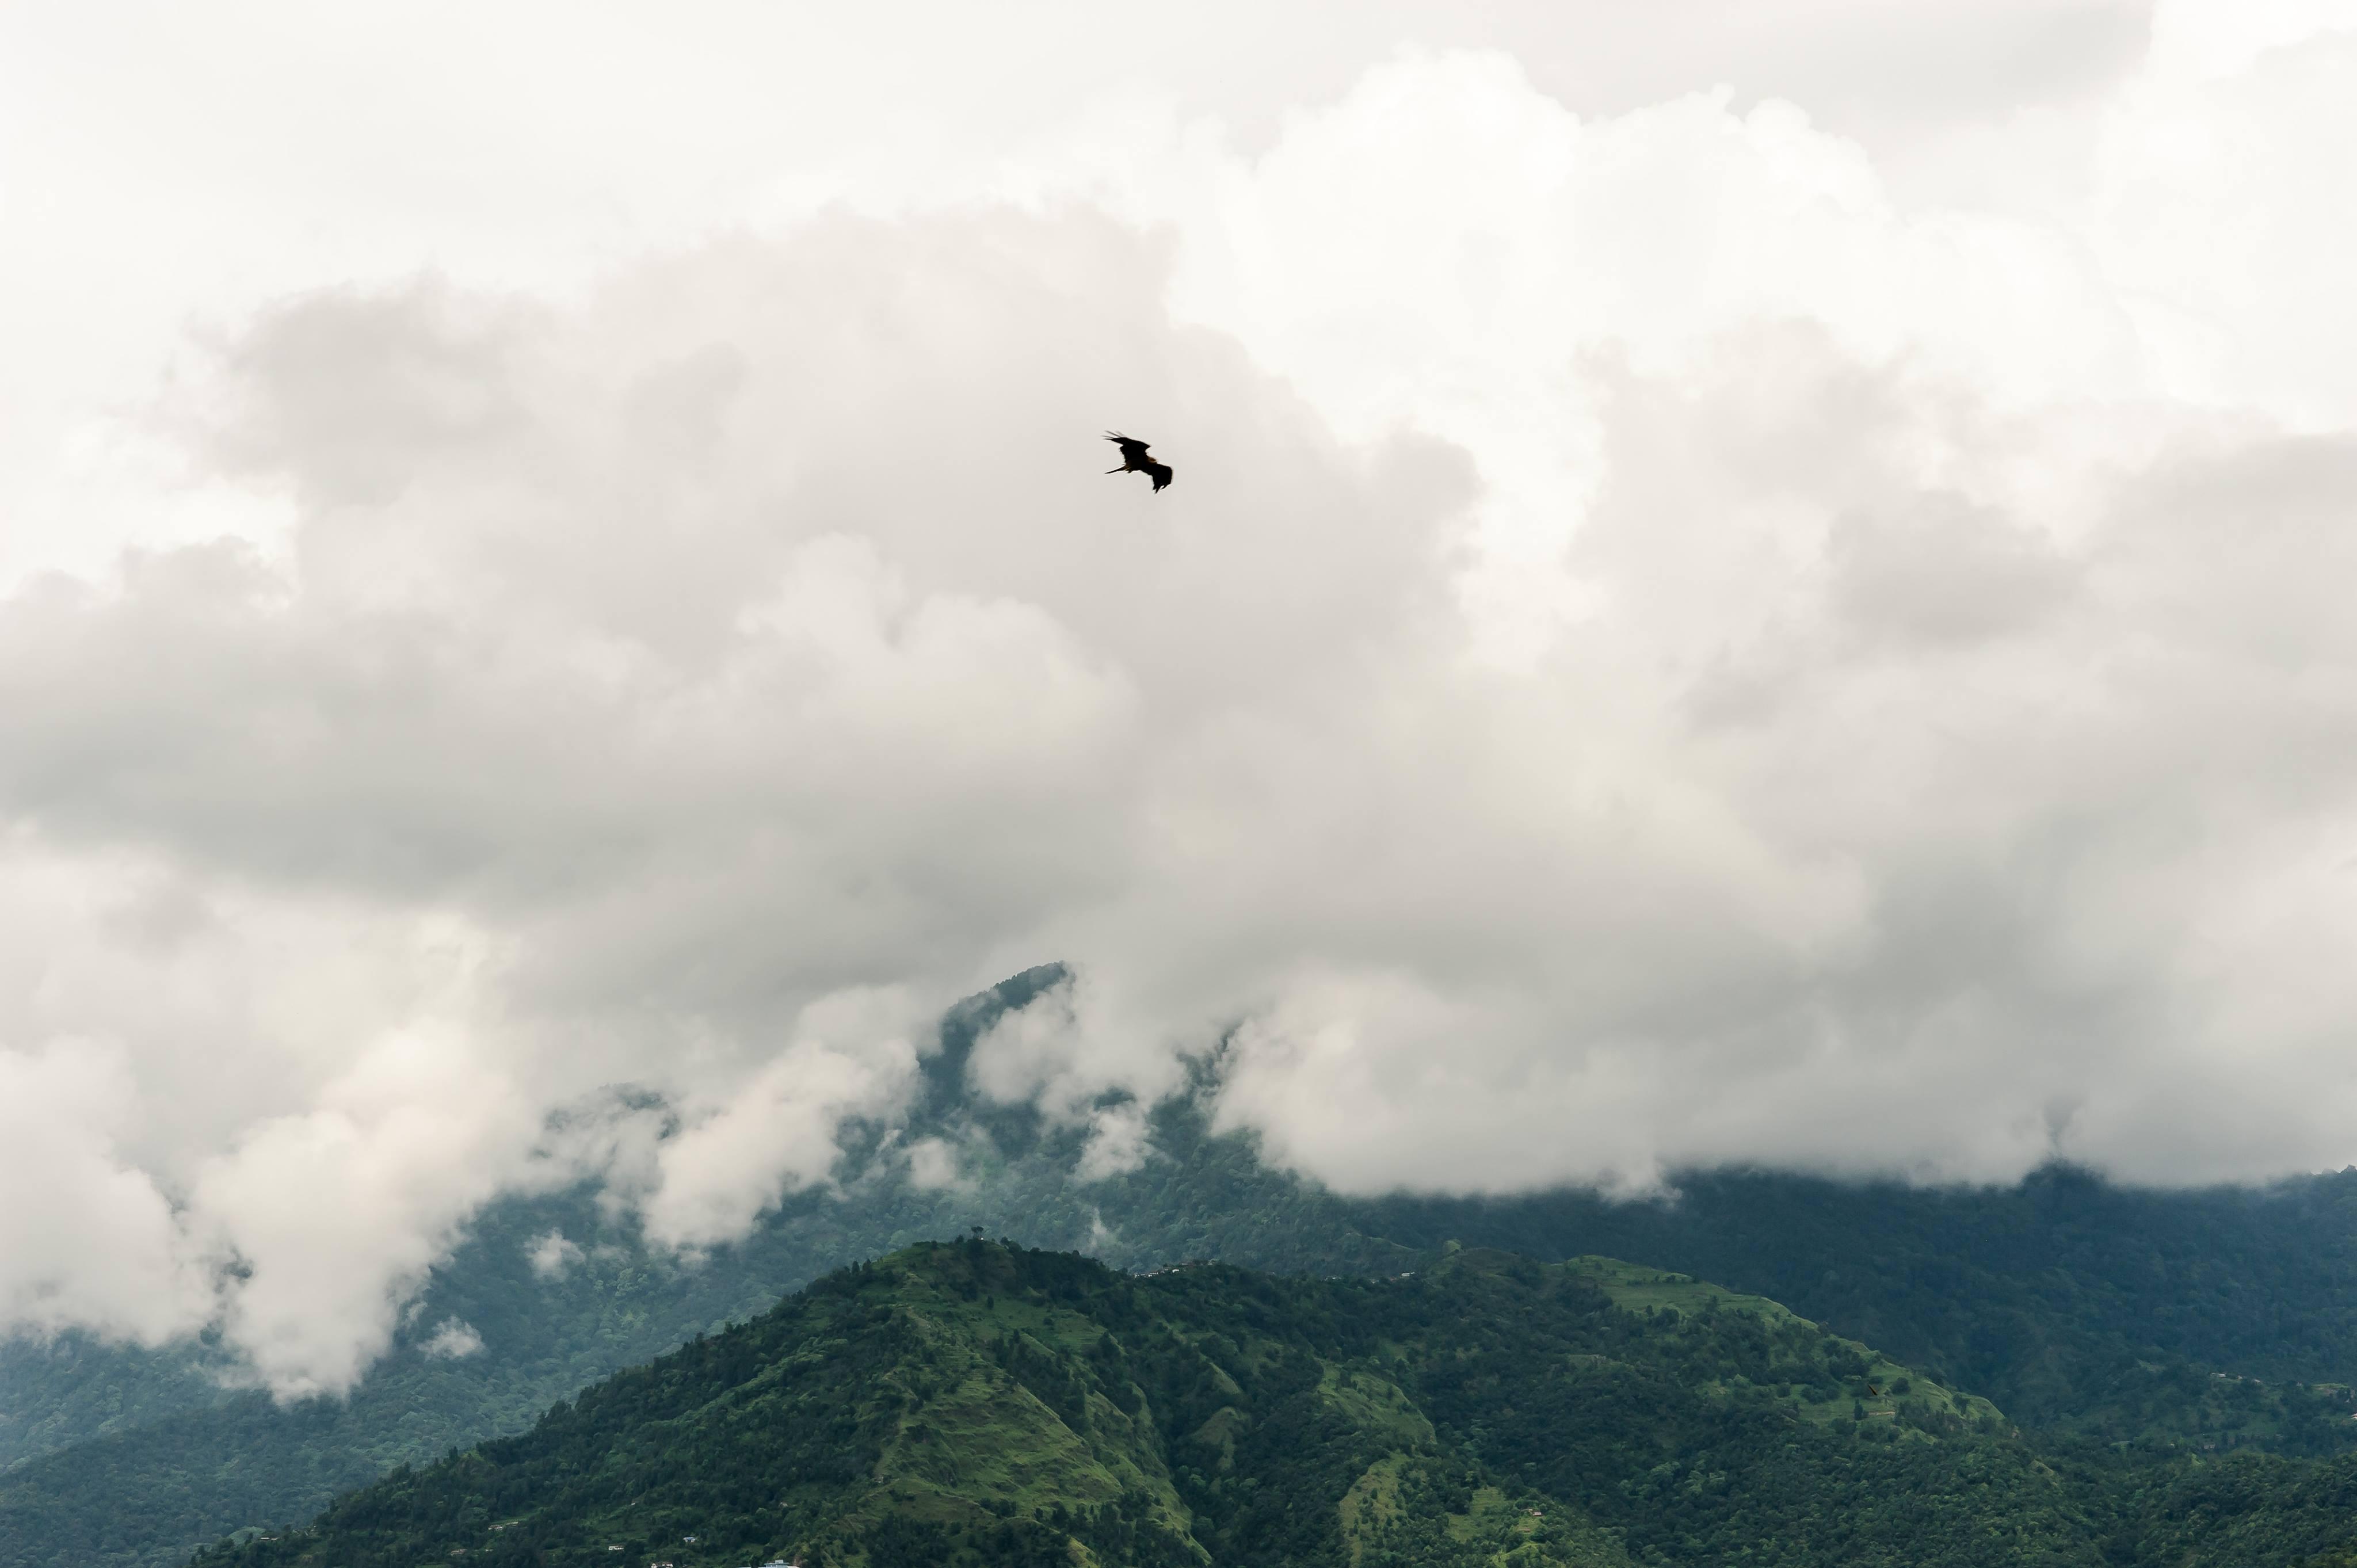 Pokalbiai prie arbatos: Nepalas